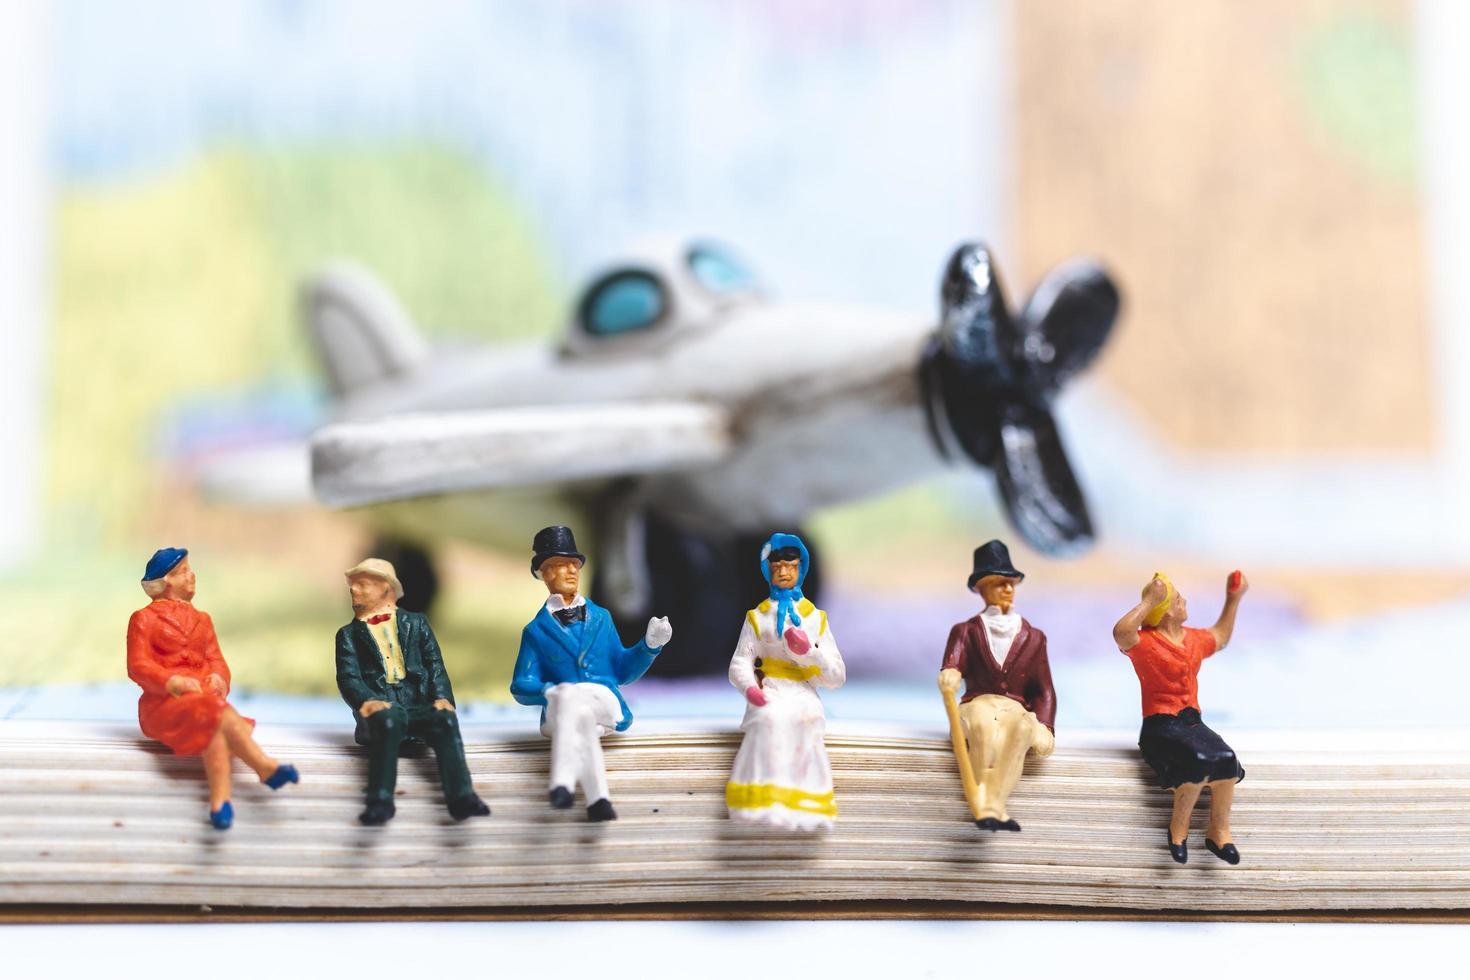 miniatyr människor som sitter på flygplanet med världskarta bakgrund foto